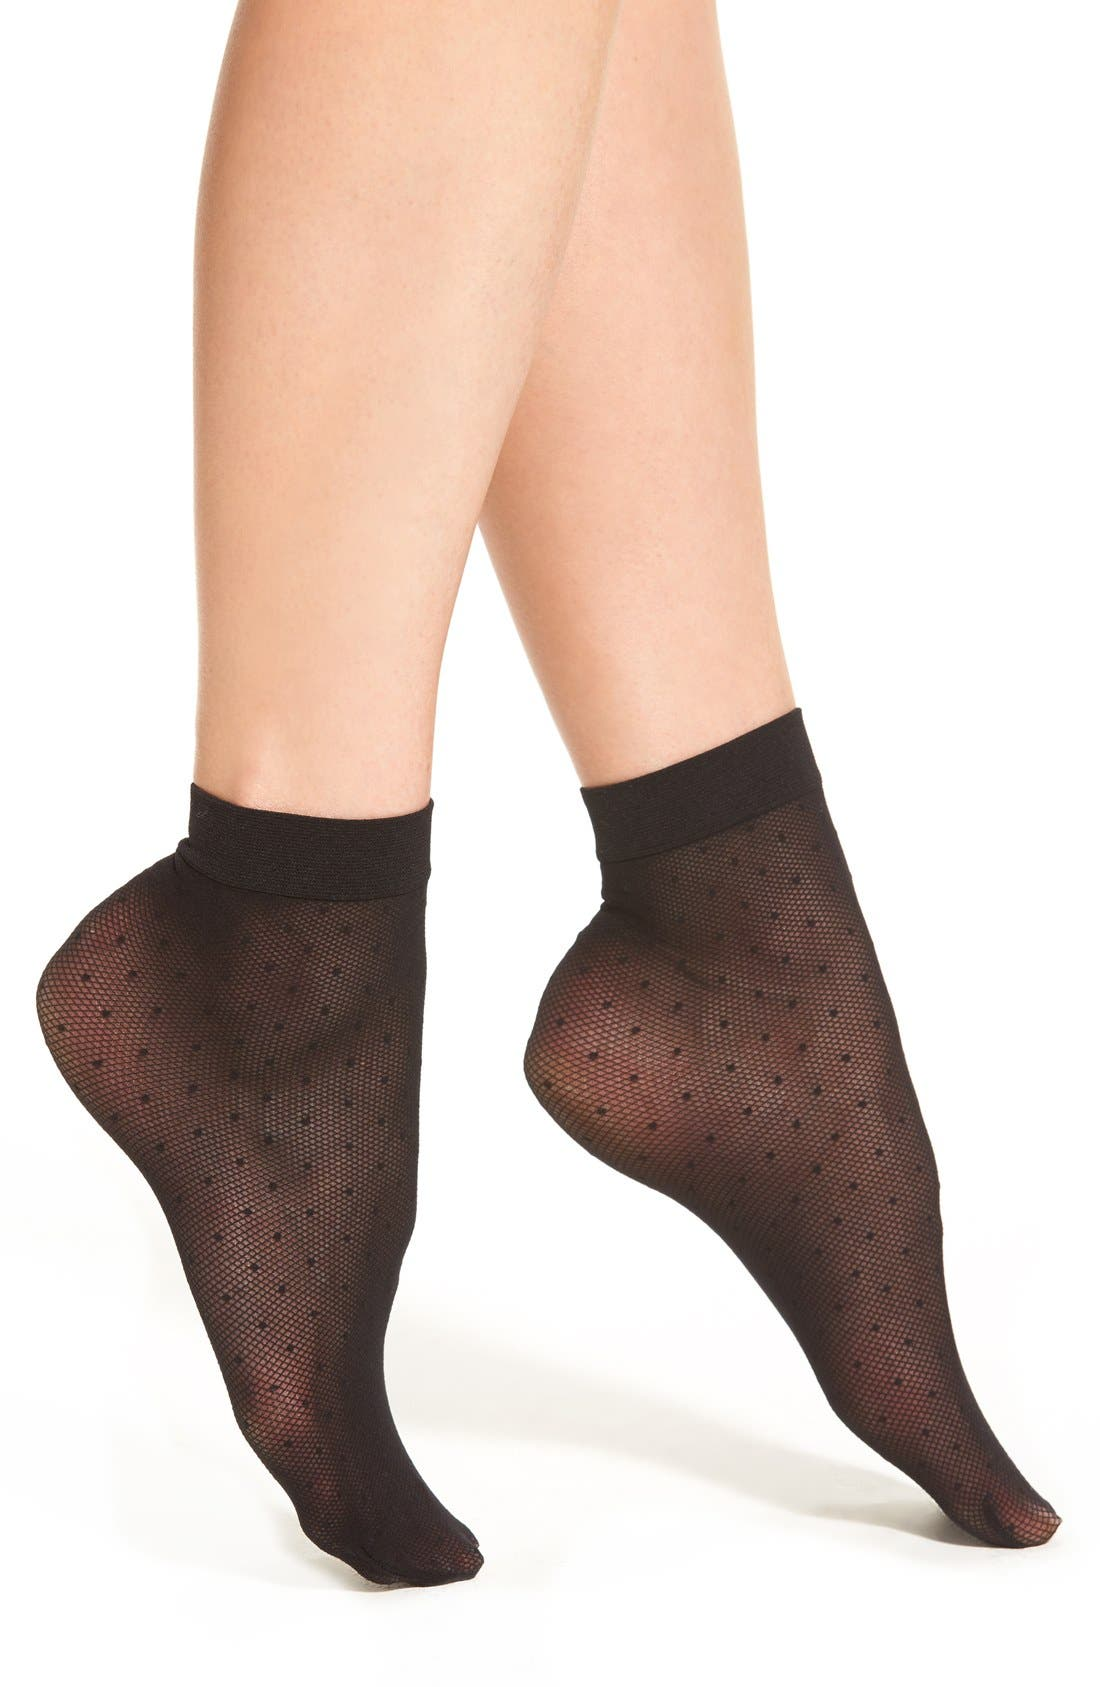 Sheer Dot Anklet Socks,                             Main thumbnail 1, color,                             001